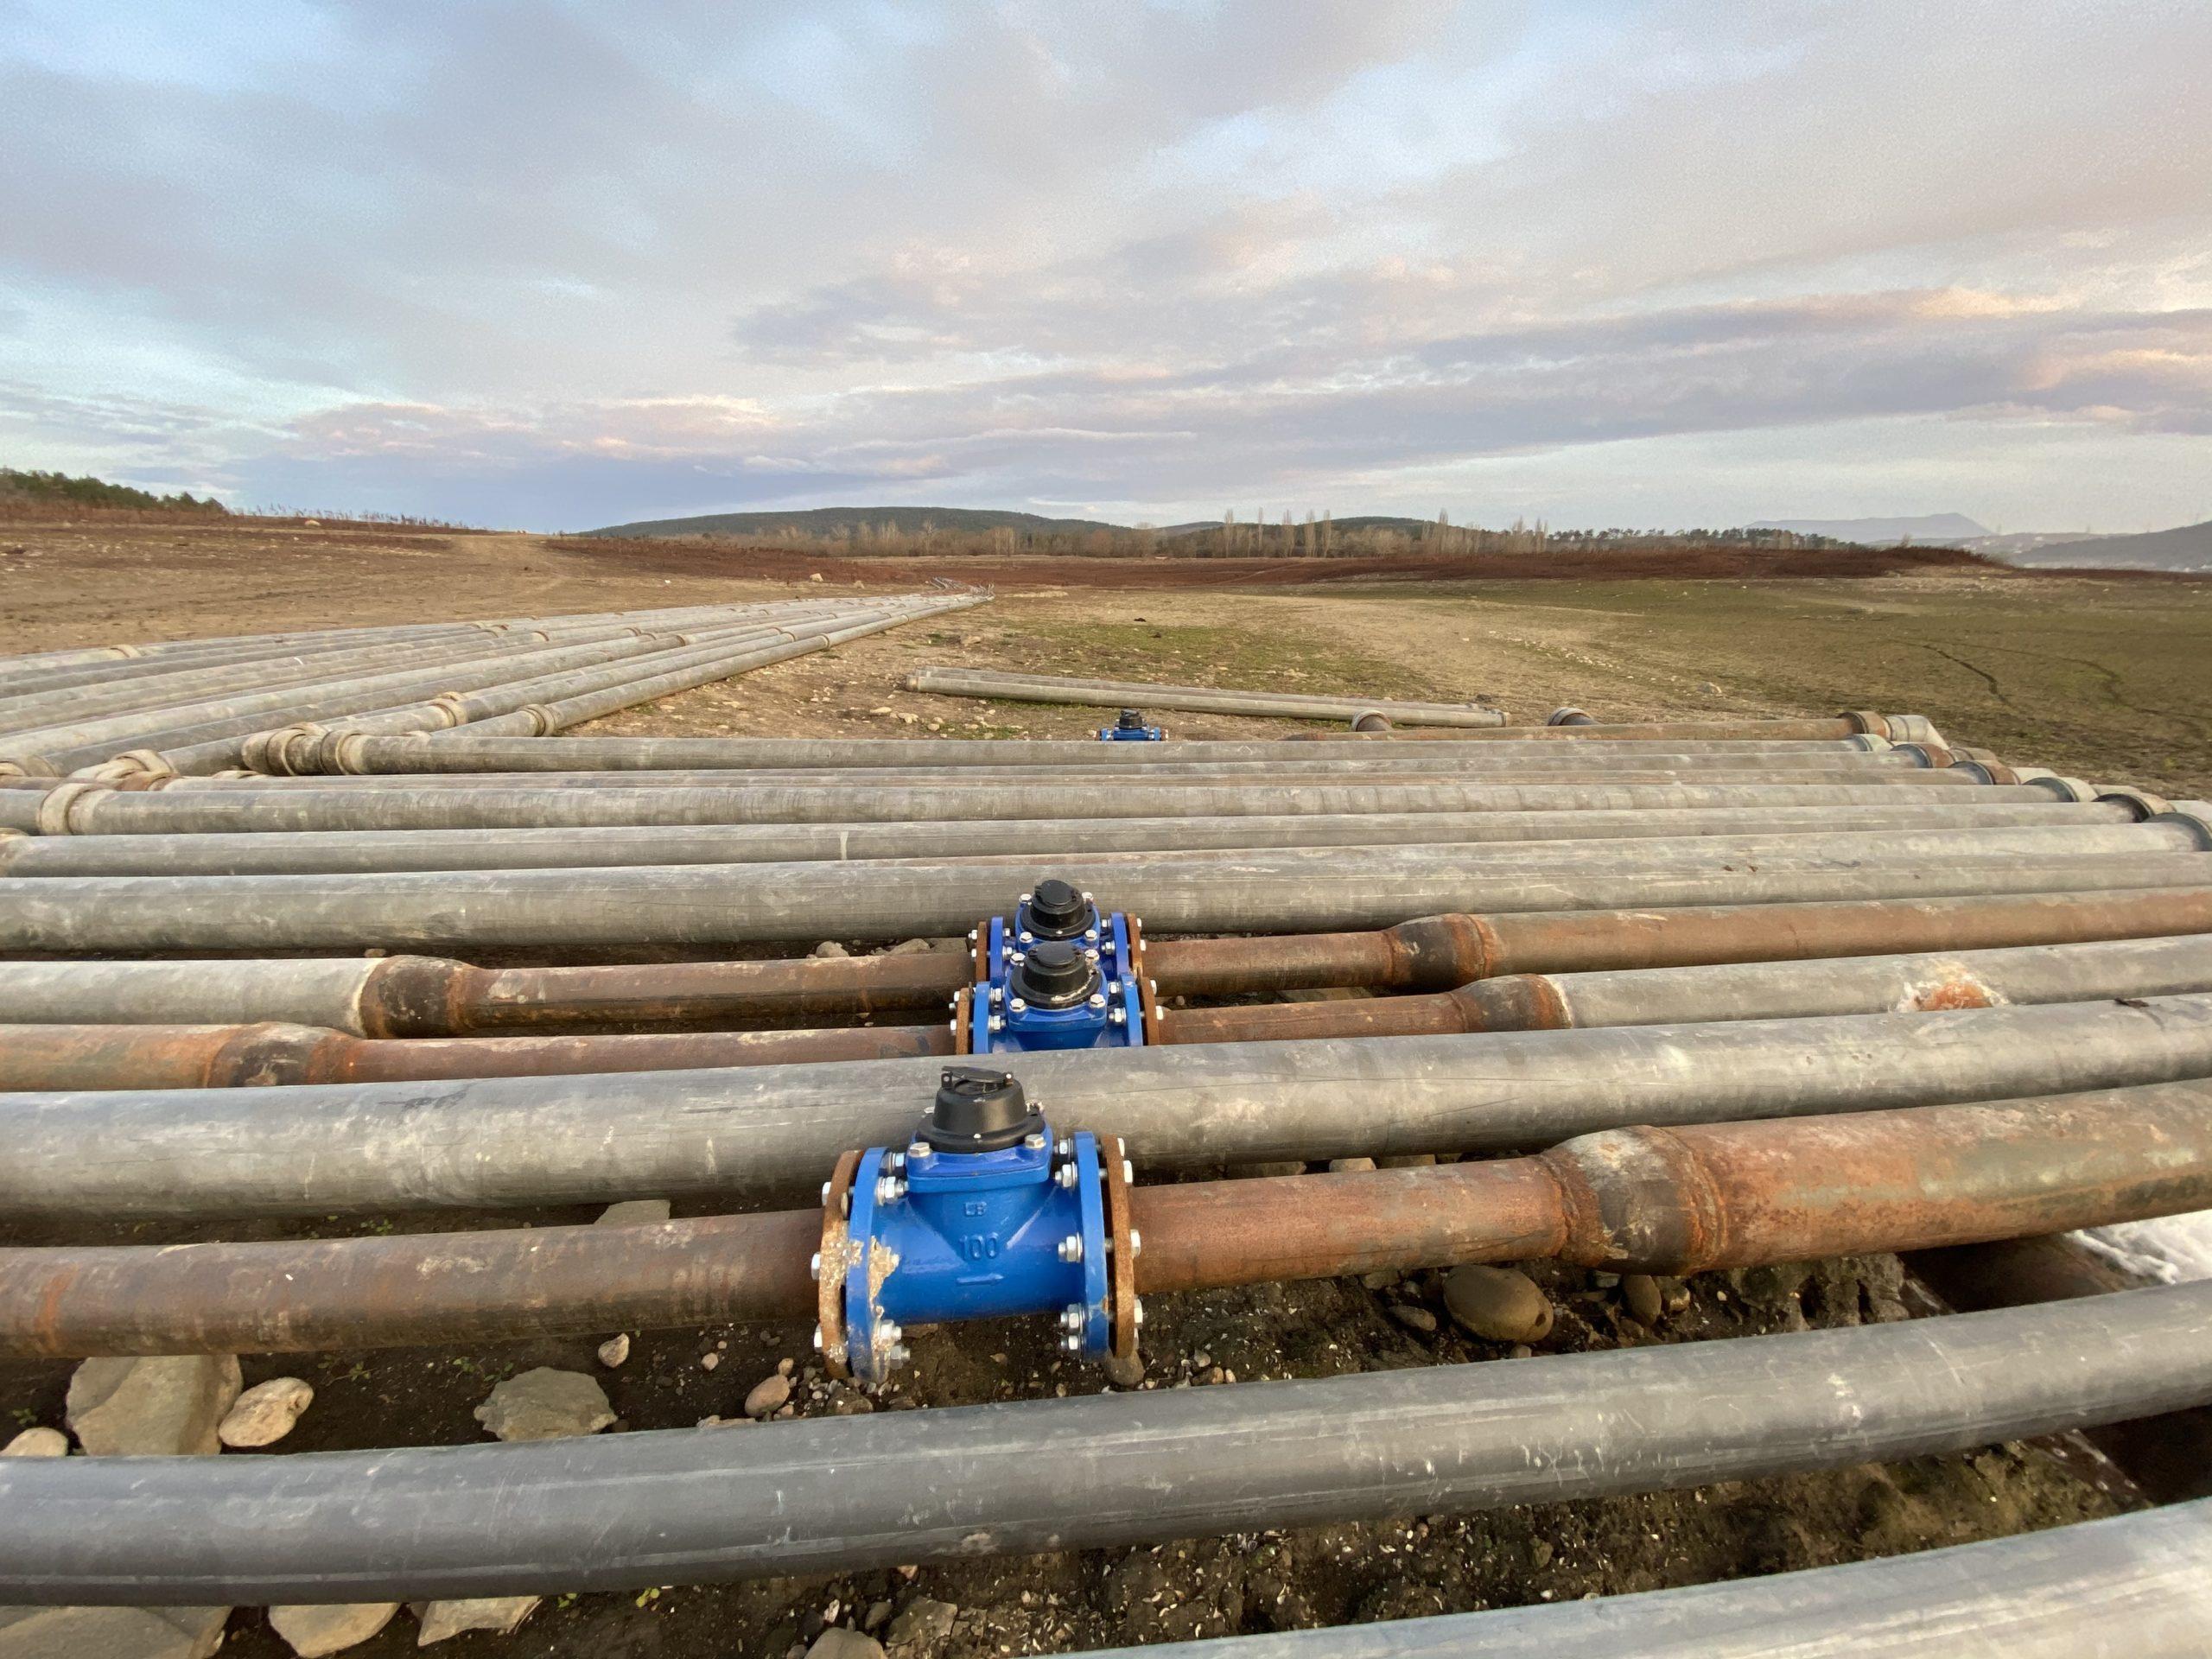 В Крыму отремонтируют и модернизируют почти 200 километров сетей водоснабжения